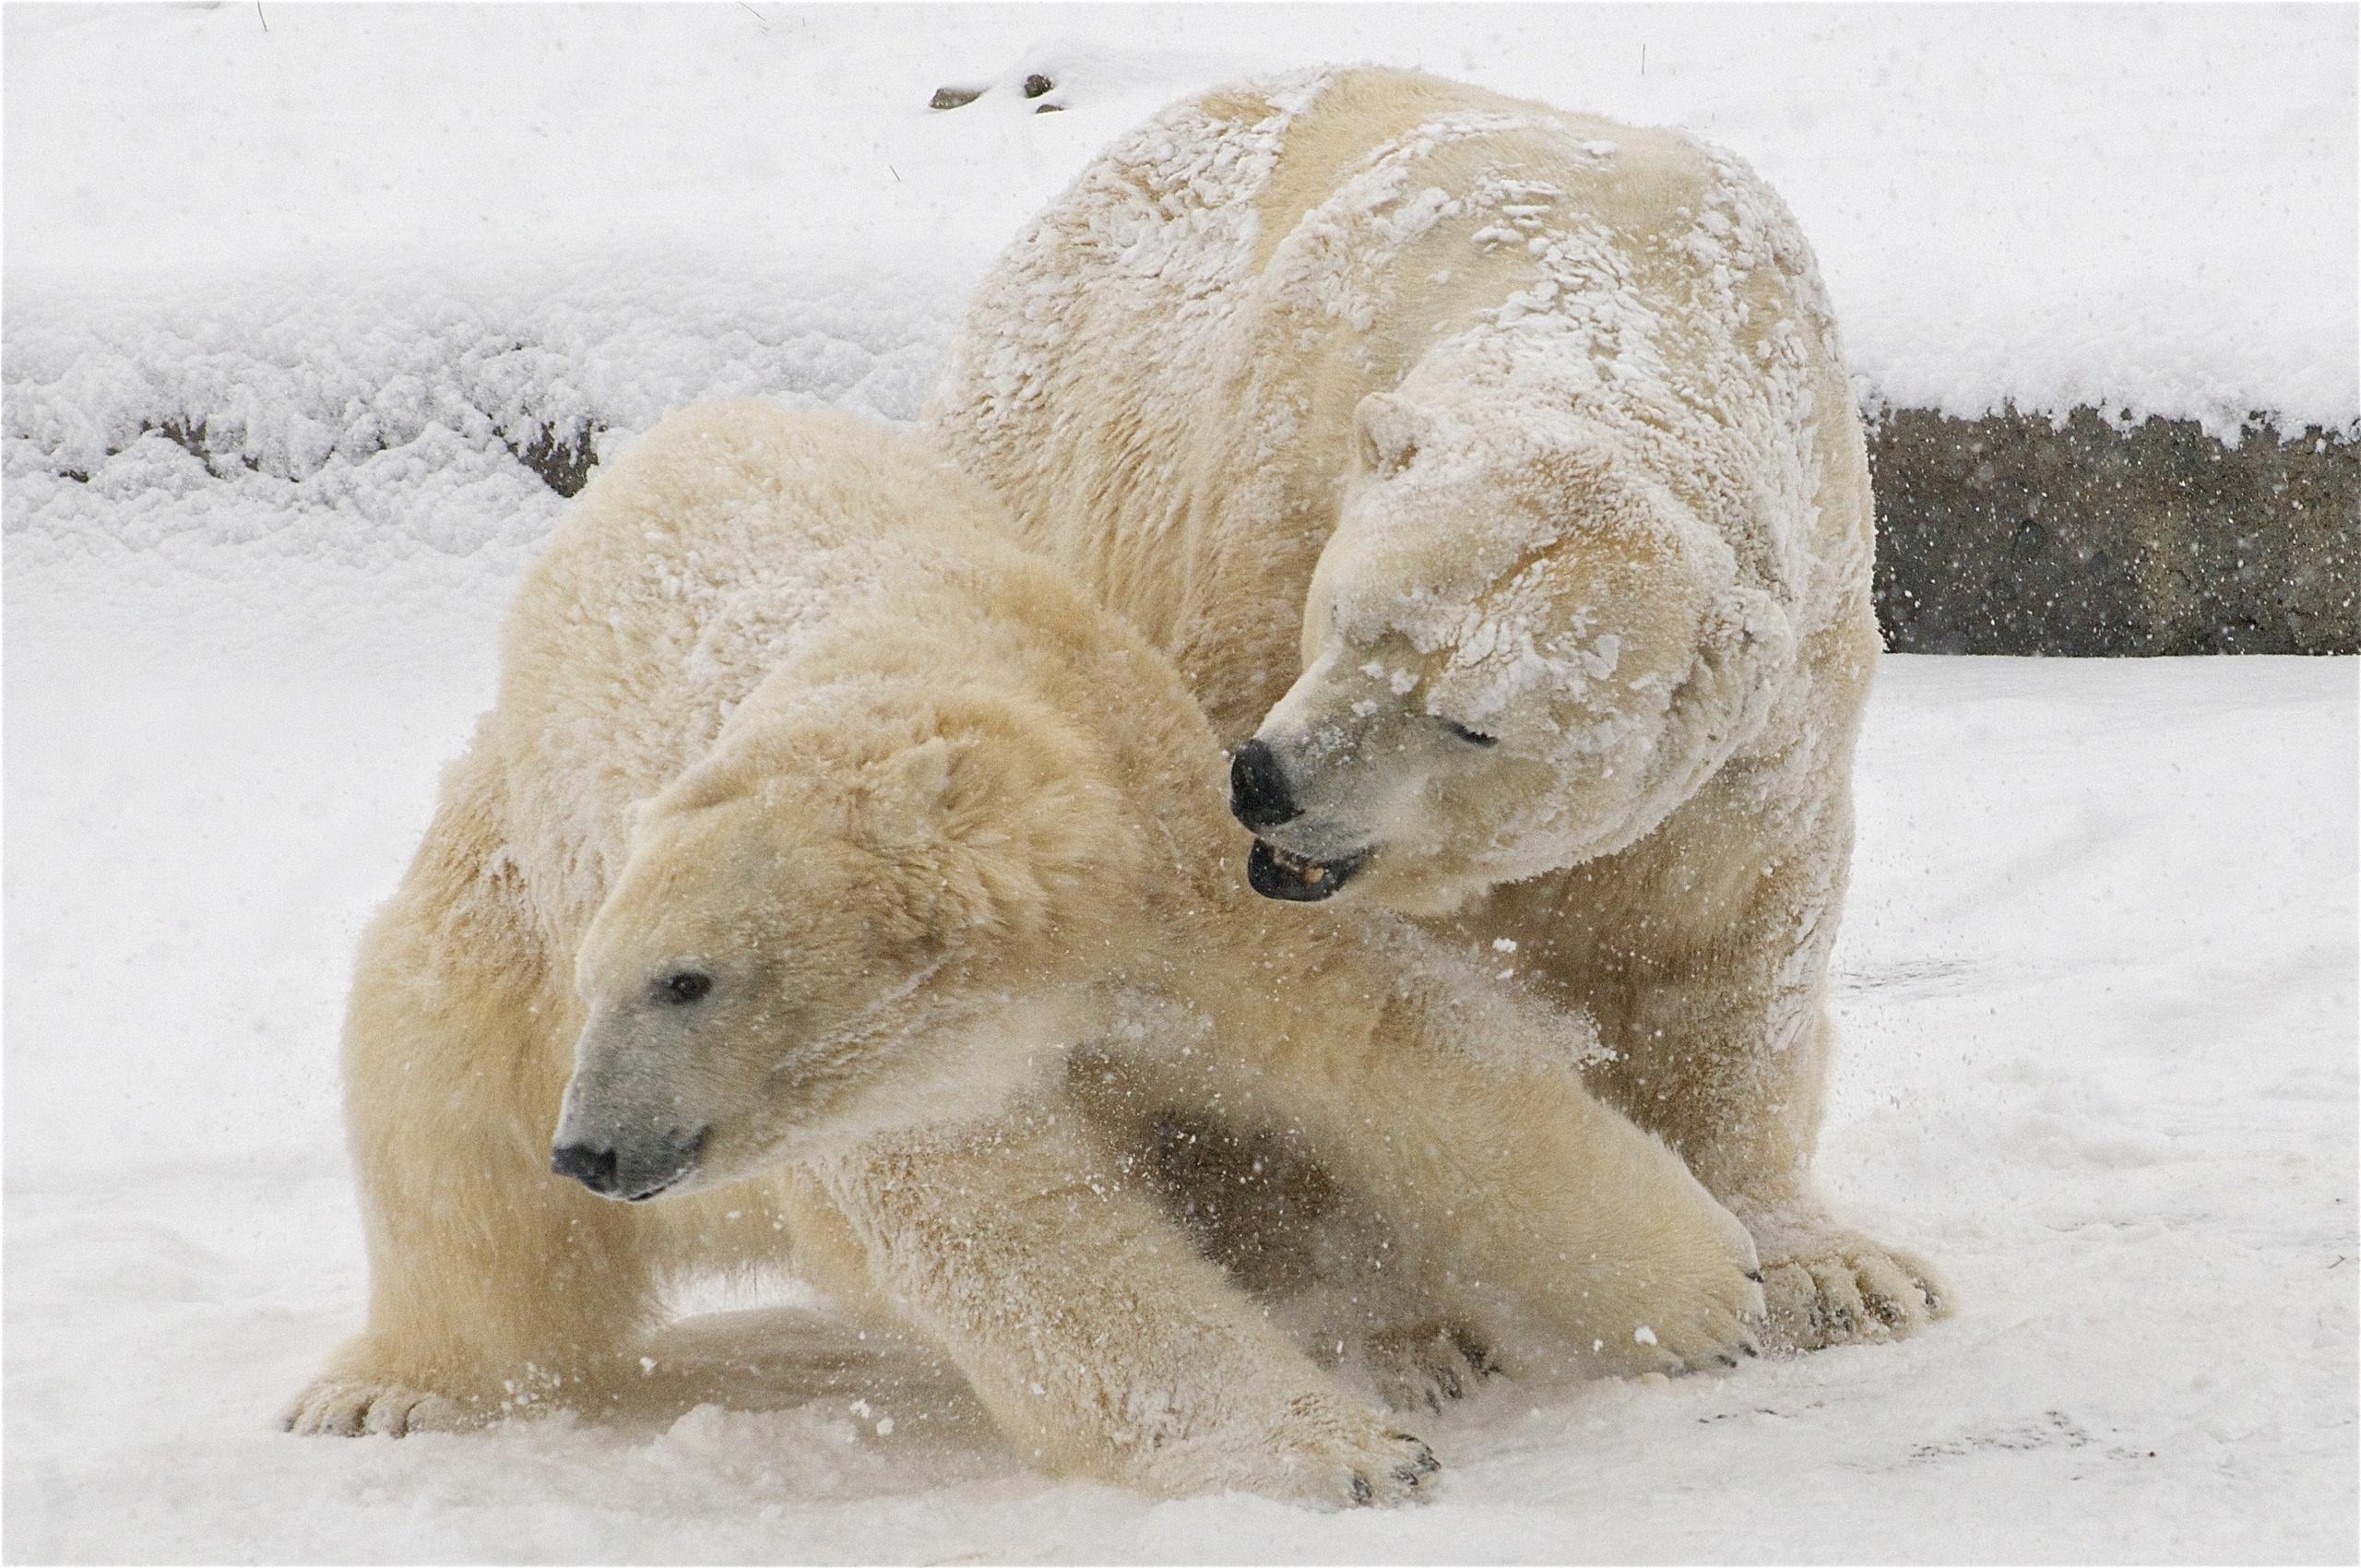 93952 Заставки и Обои Медведи на телефон. Скачать Животные, Зима, Снег, Медведи, Белые Медведи картинки бесплатно